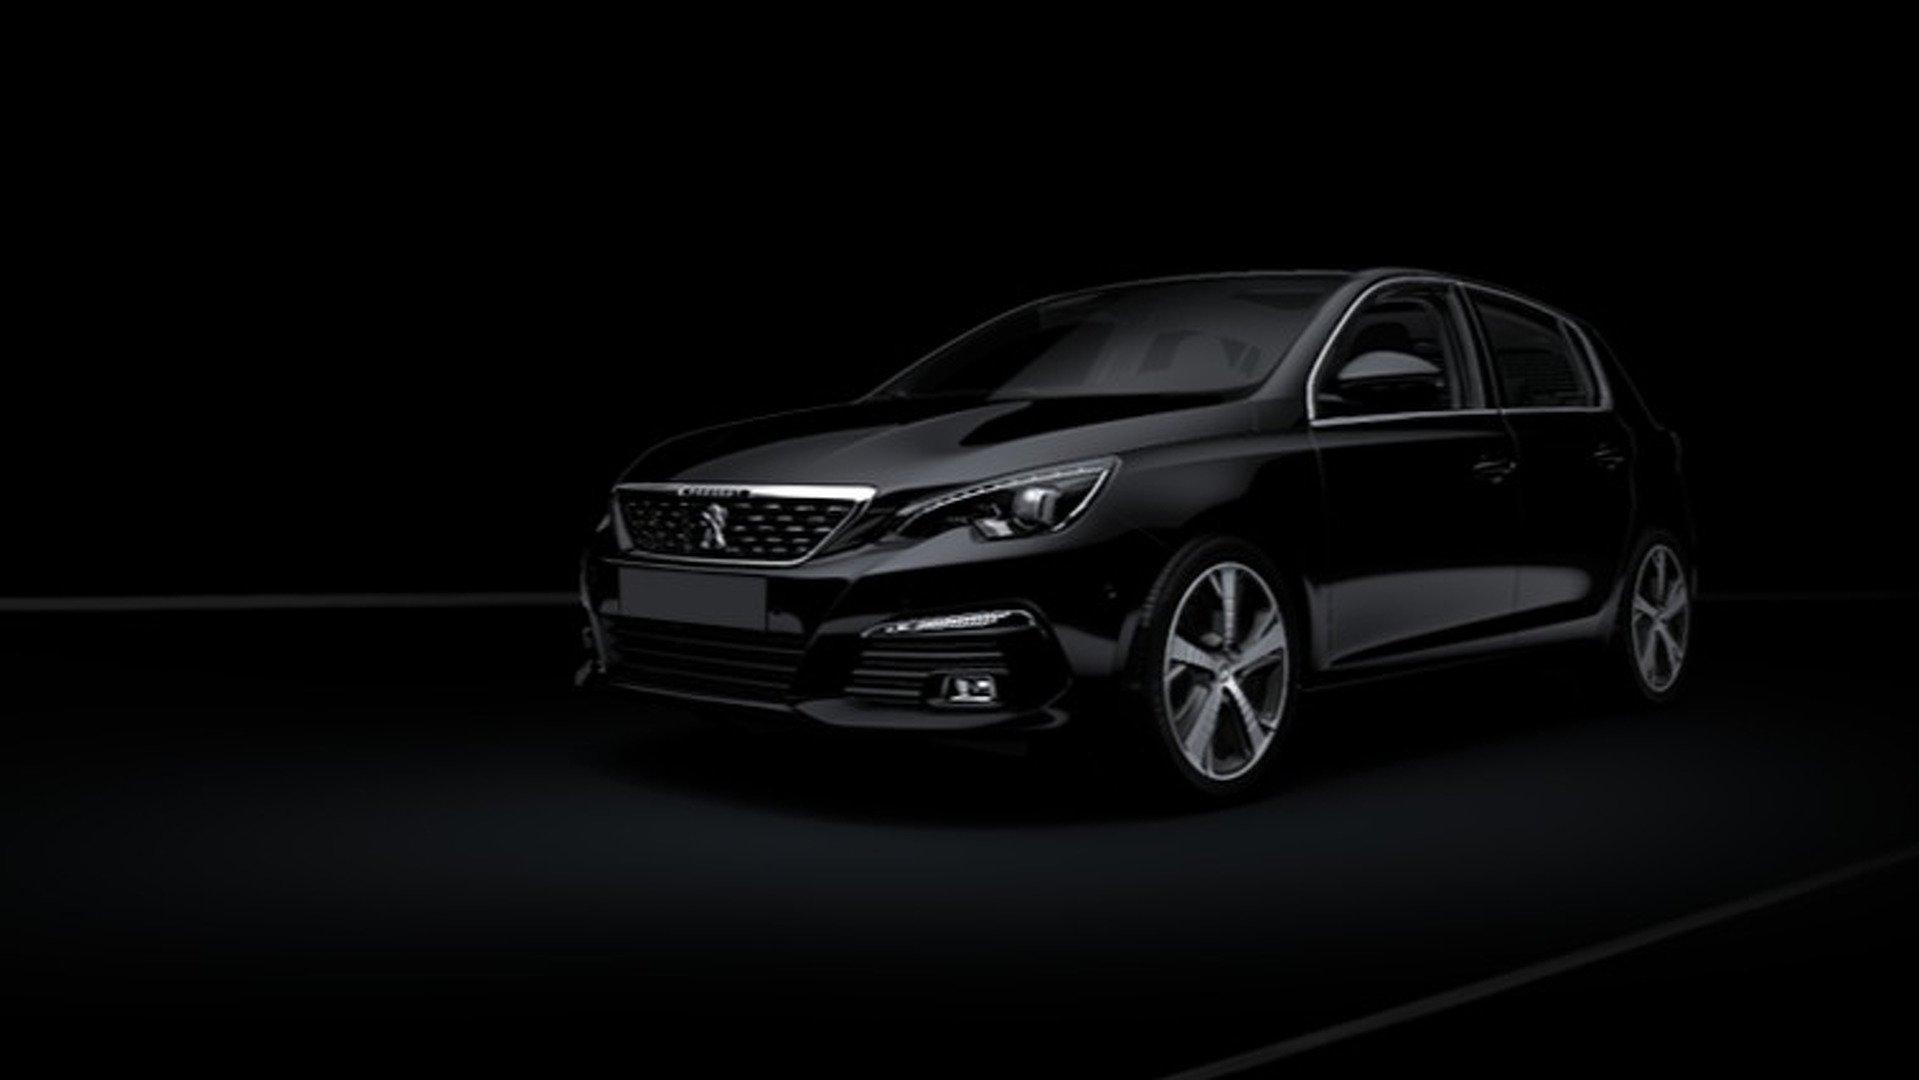 2017 Peugeot 308